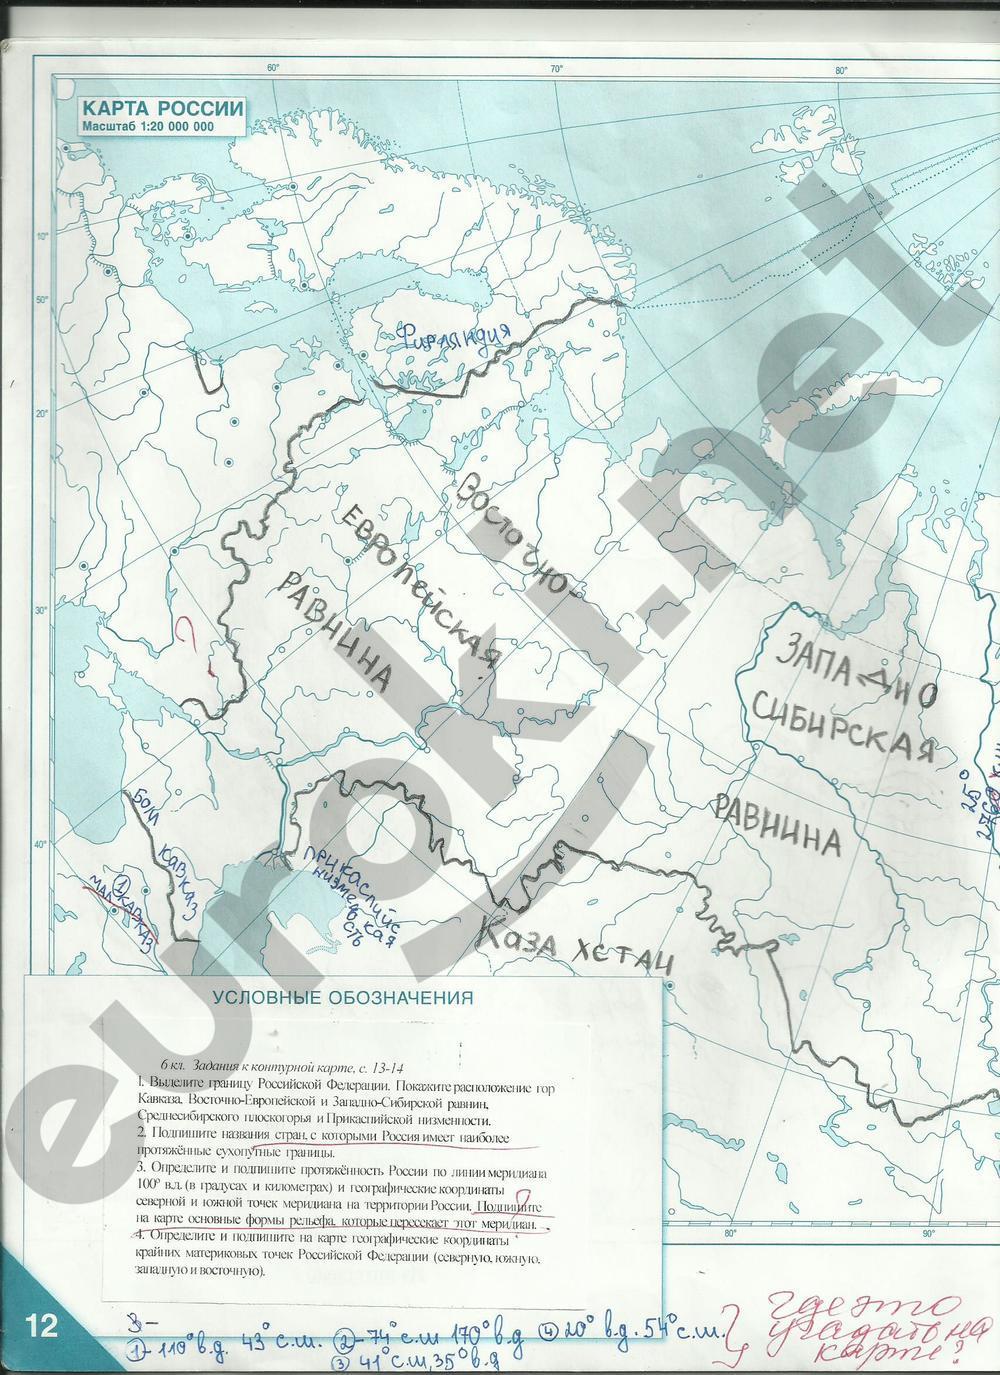 7 гдз контурная класс домогацких географии по за карта